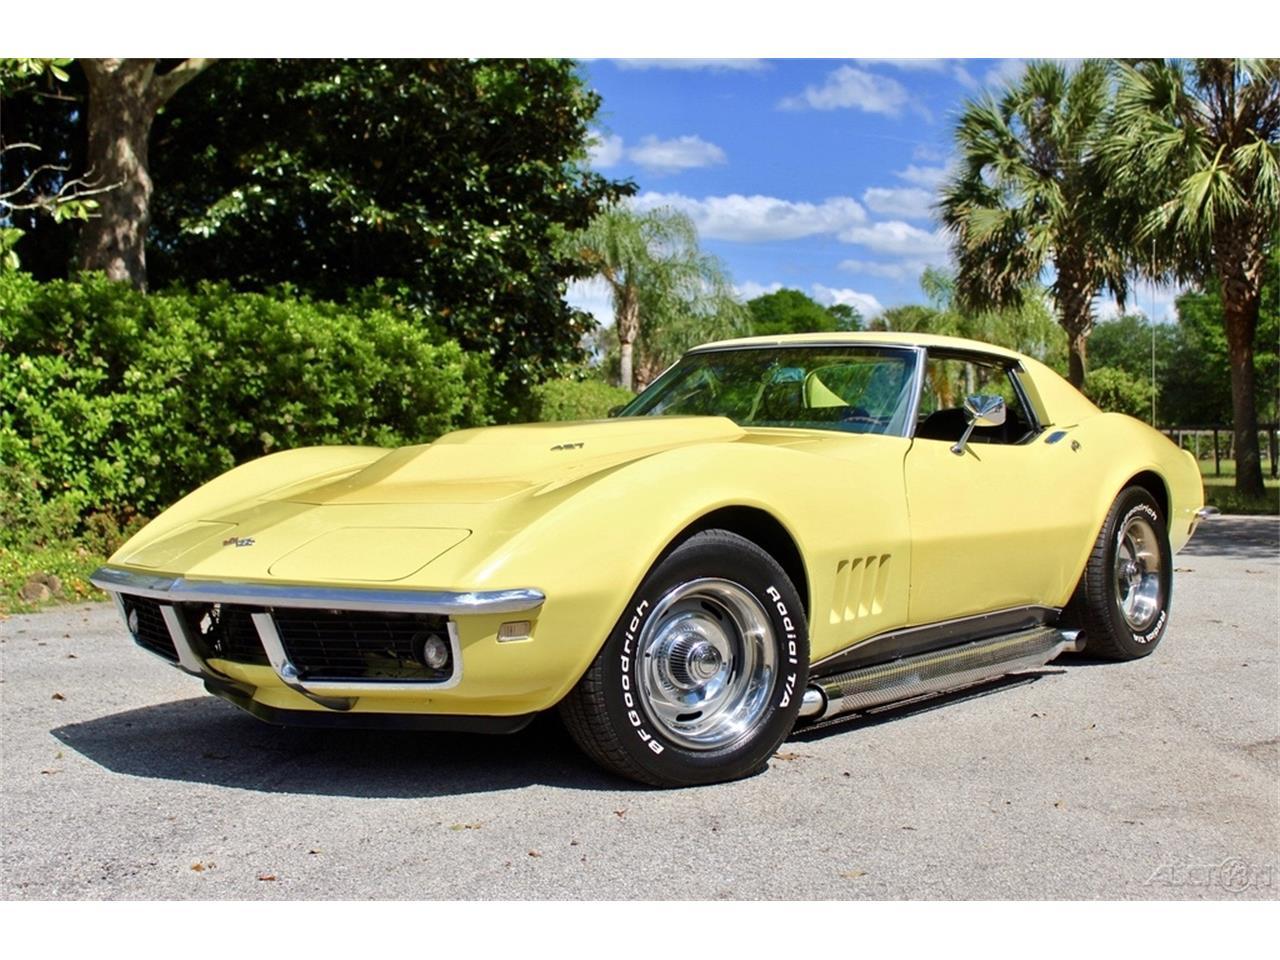 For Sale: 1968 Chevrolet Corvette in Eustis, Florida